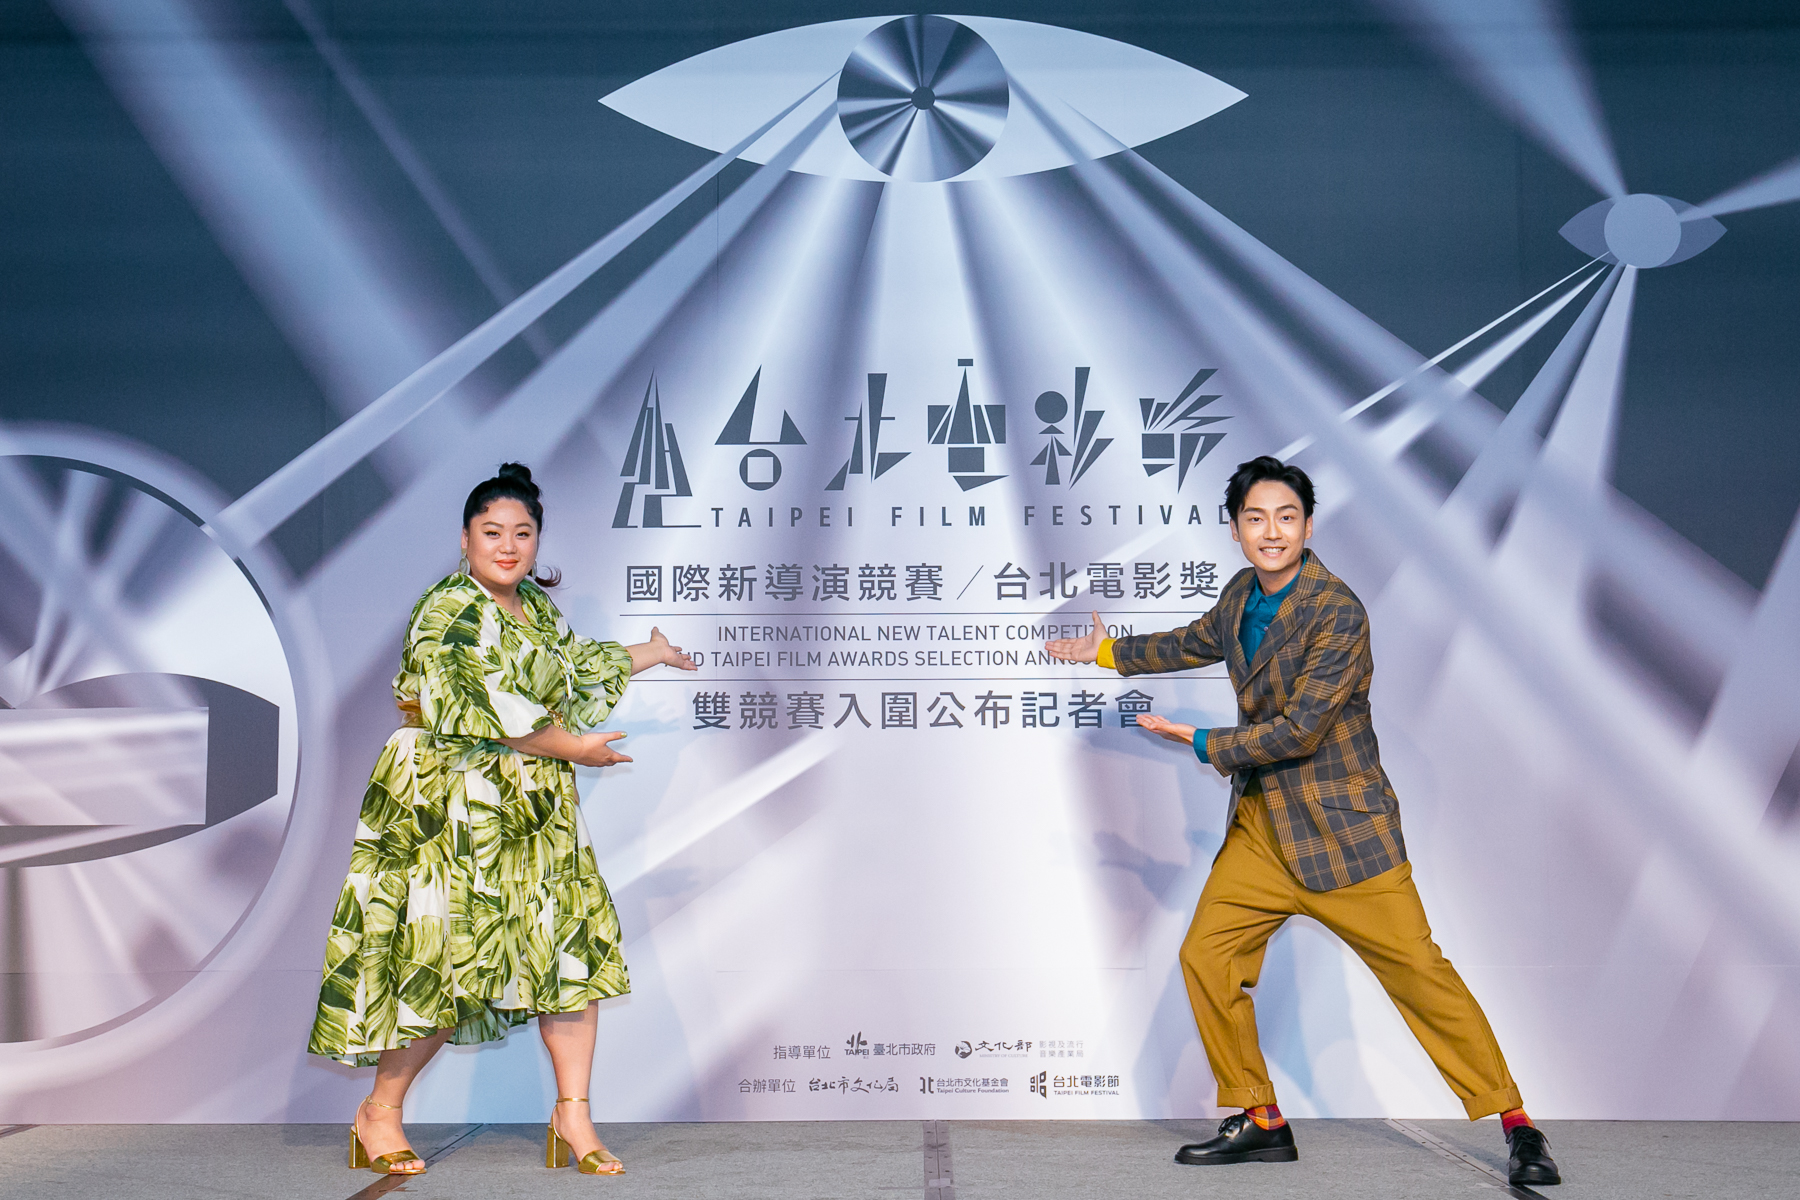 台北電影節邀請蔡嘉茵(左)與林鶴軒擔任台北電影獎入圍名單揭曉嘉賓(台北電影節提供)